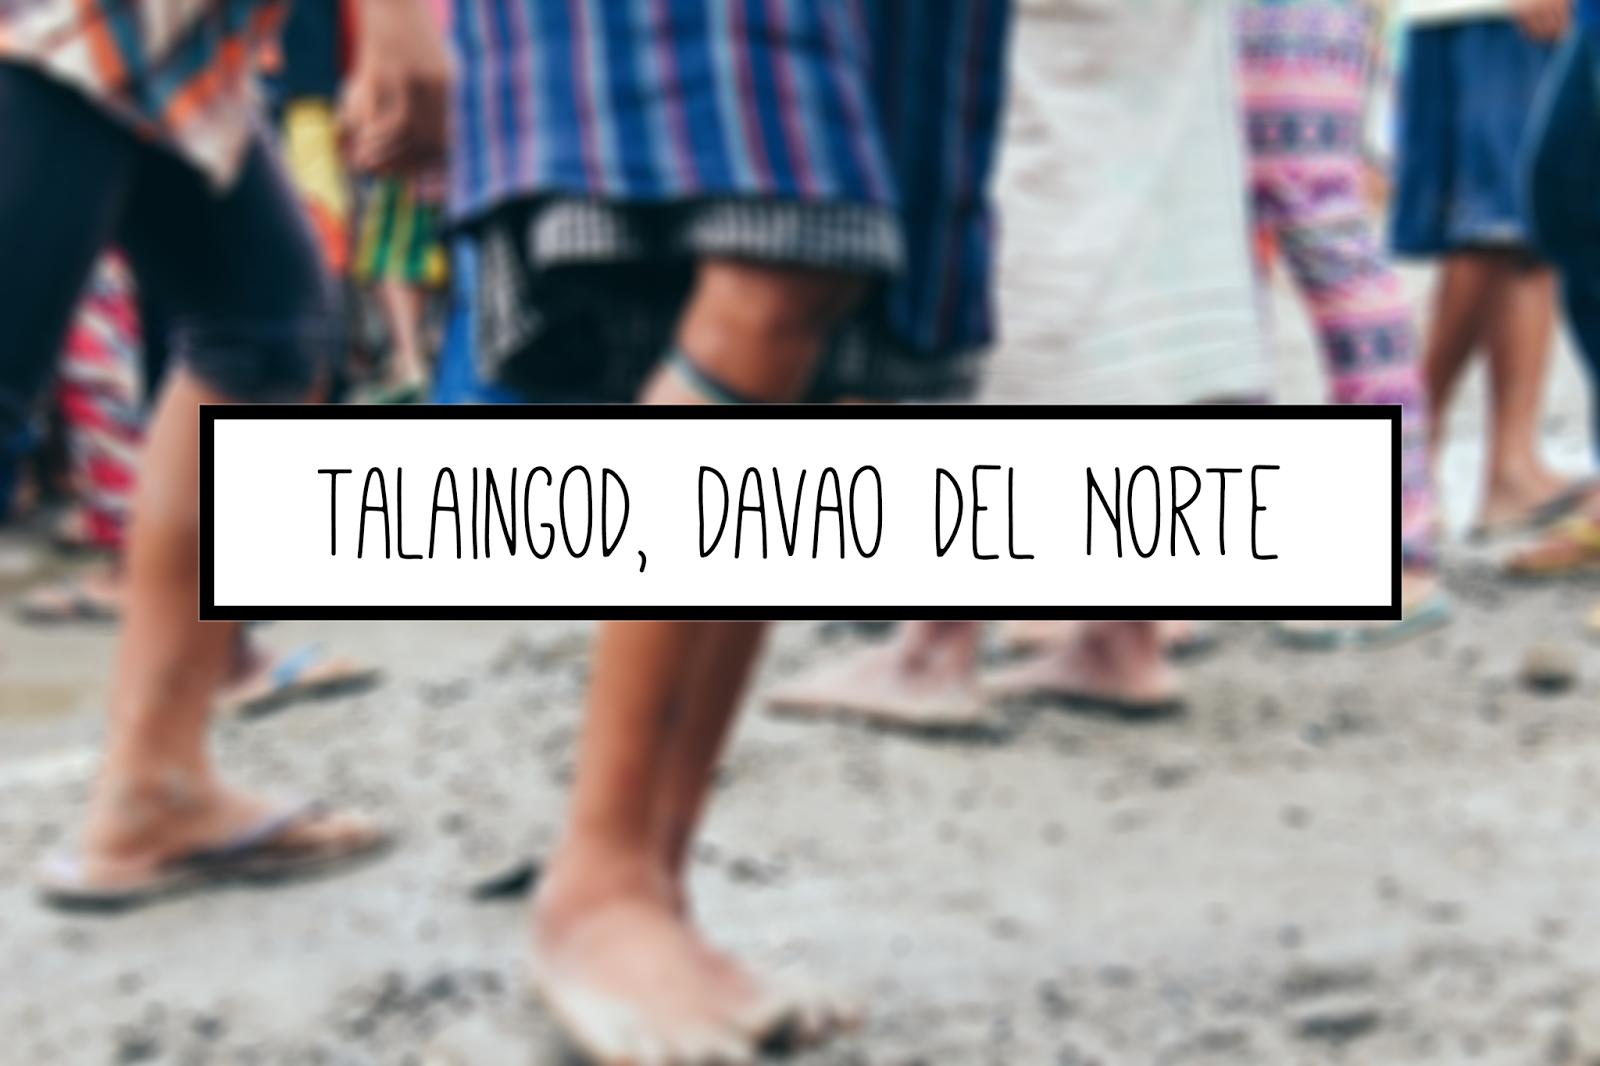 talaingod davao del norte